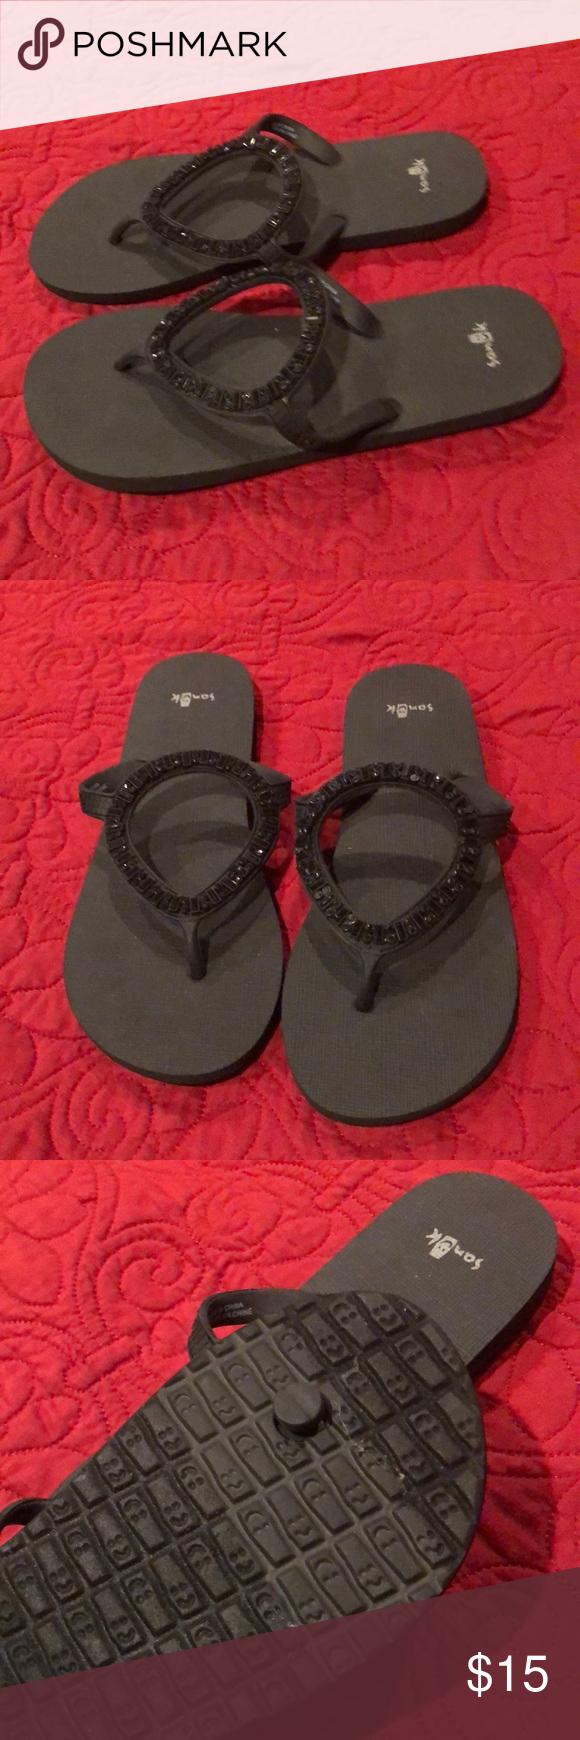 02907a5c18dc34 Sanuk sparkly flip flops NWOT. Black Sanuk sparkly flip flops. Never been  worn.